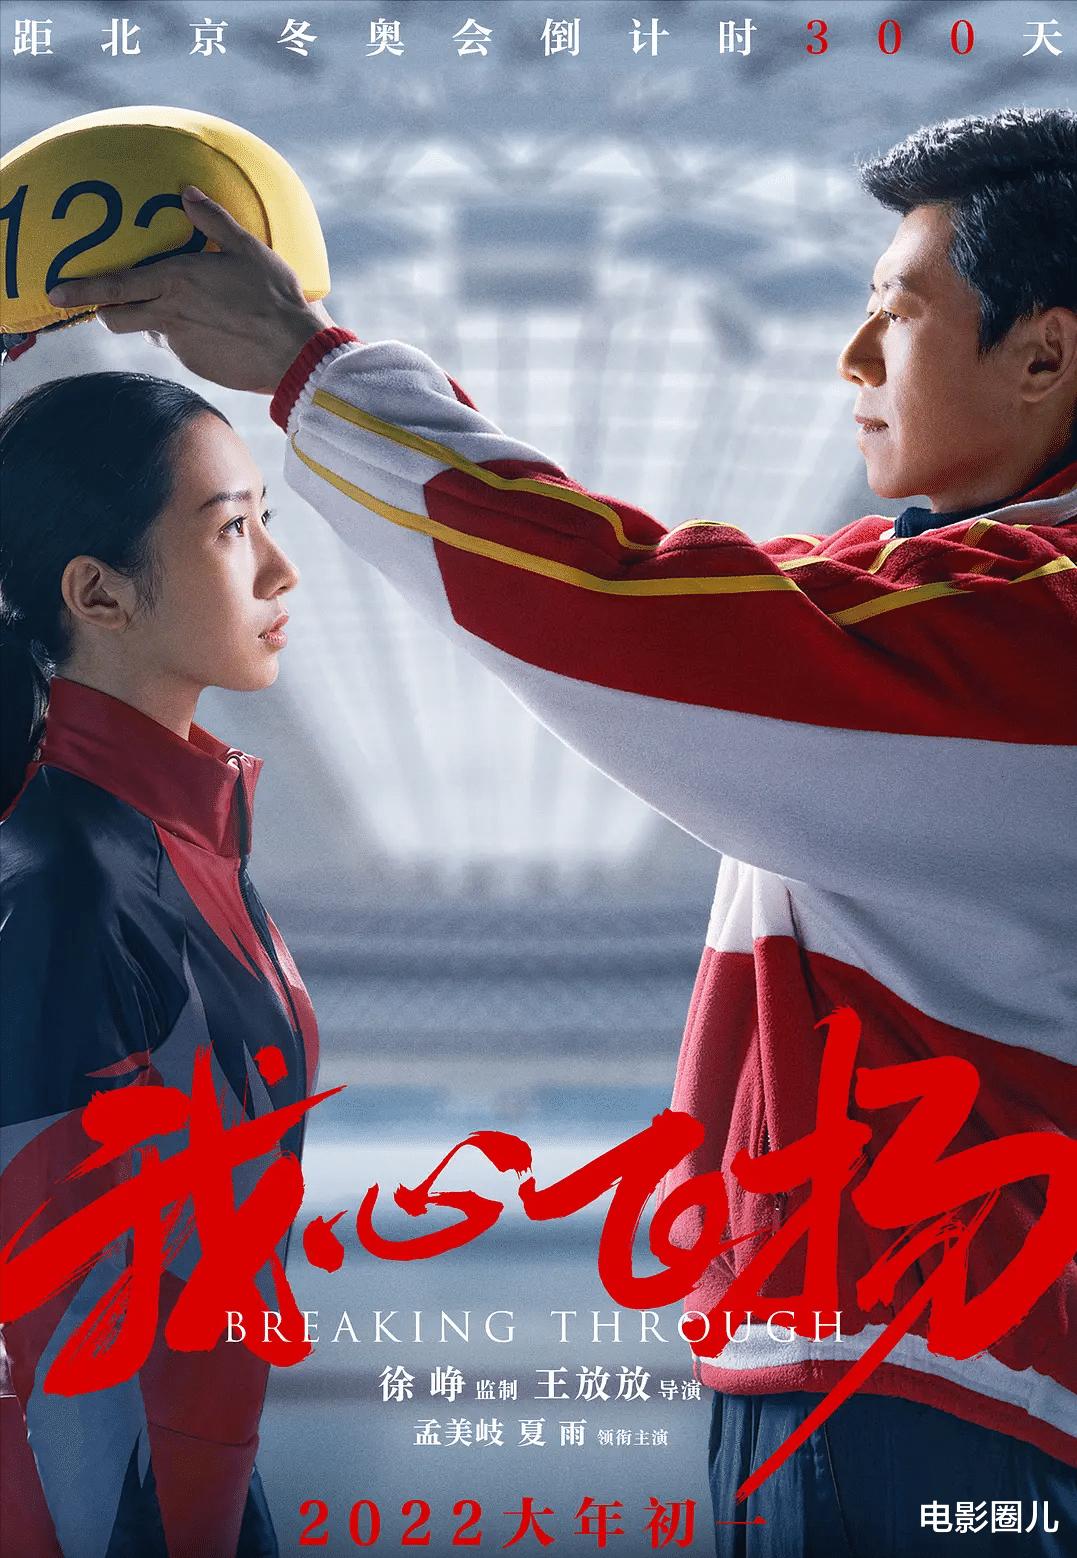 刘昊然沈腾加盟,韩寒新片定档大年初一,正面PK徐峥沈腾